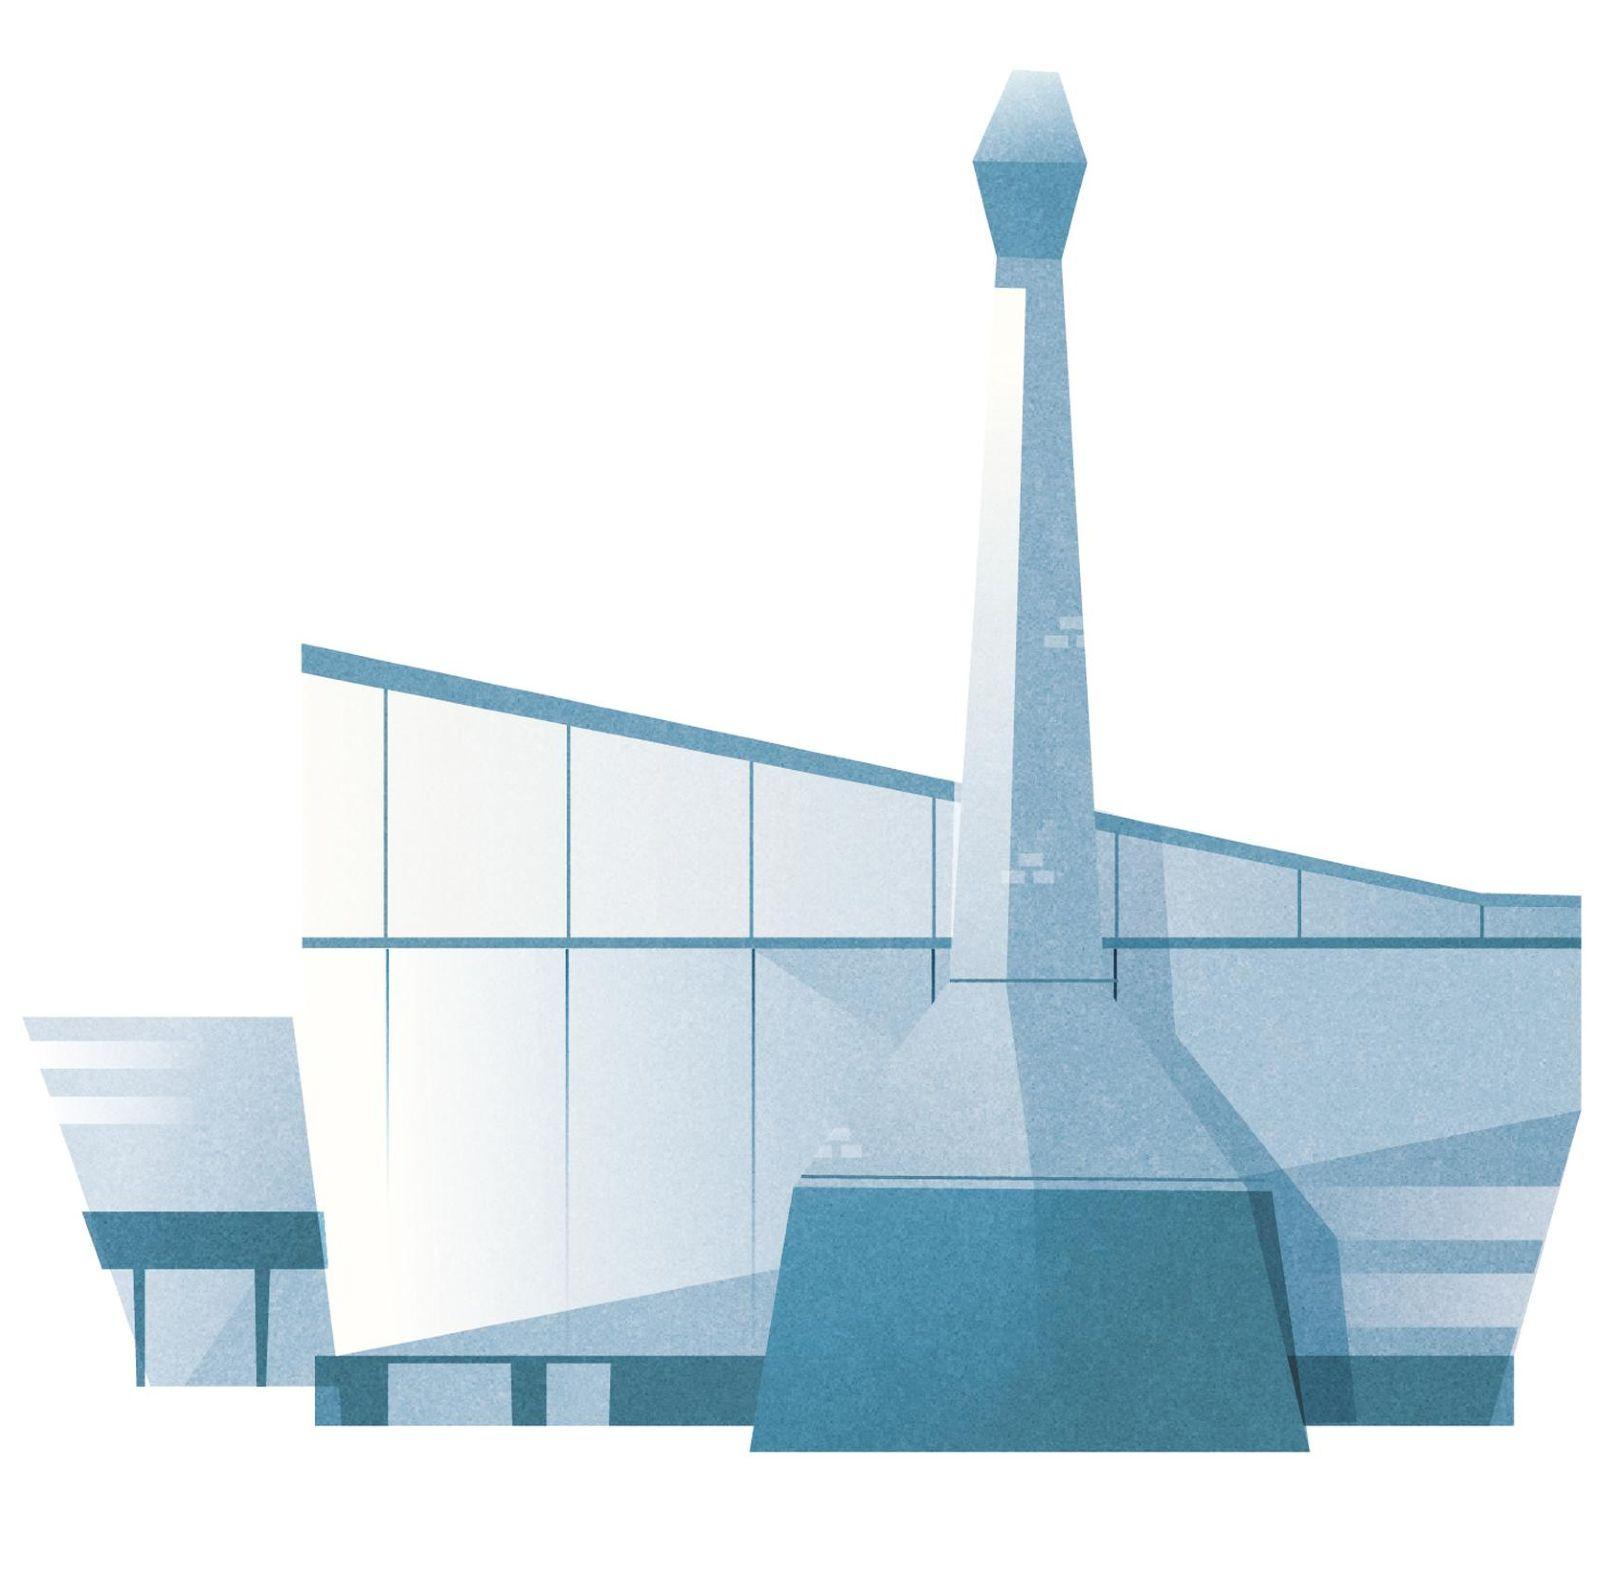 Das Bild ist die Zeichnung einer Metallfabrik.